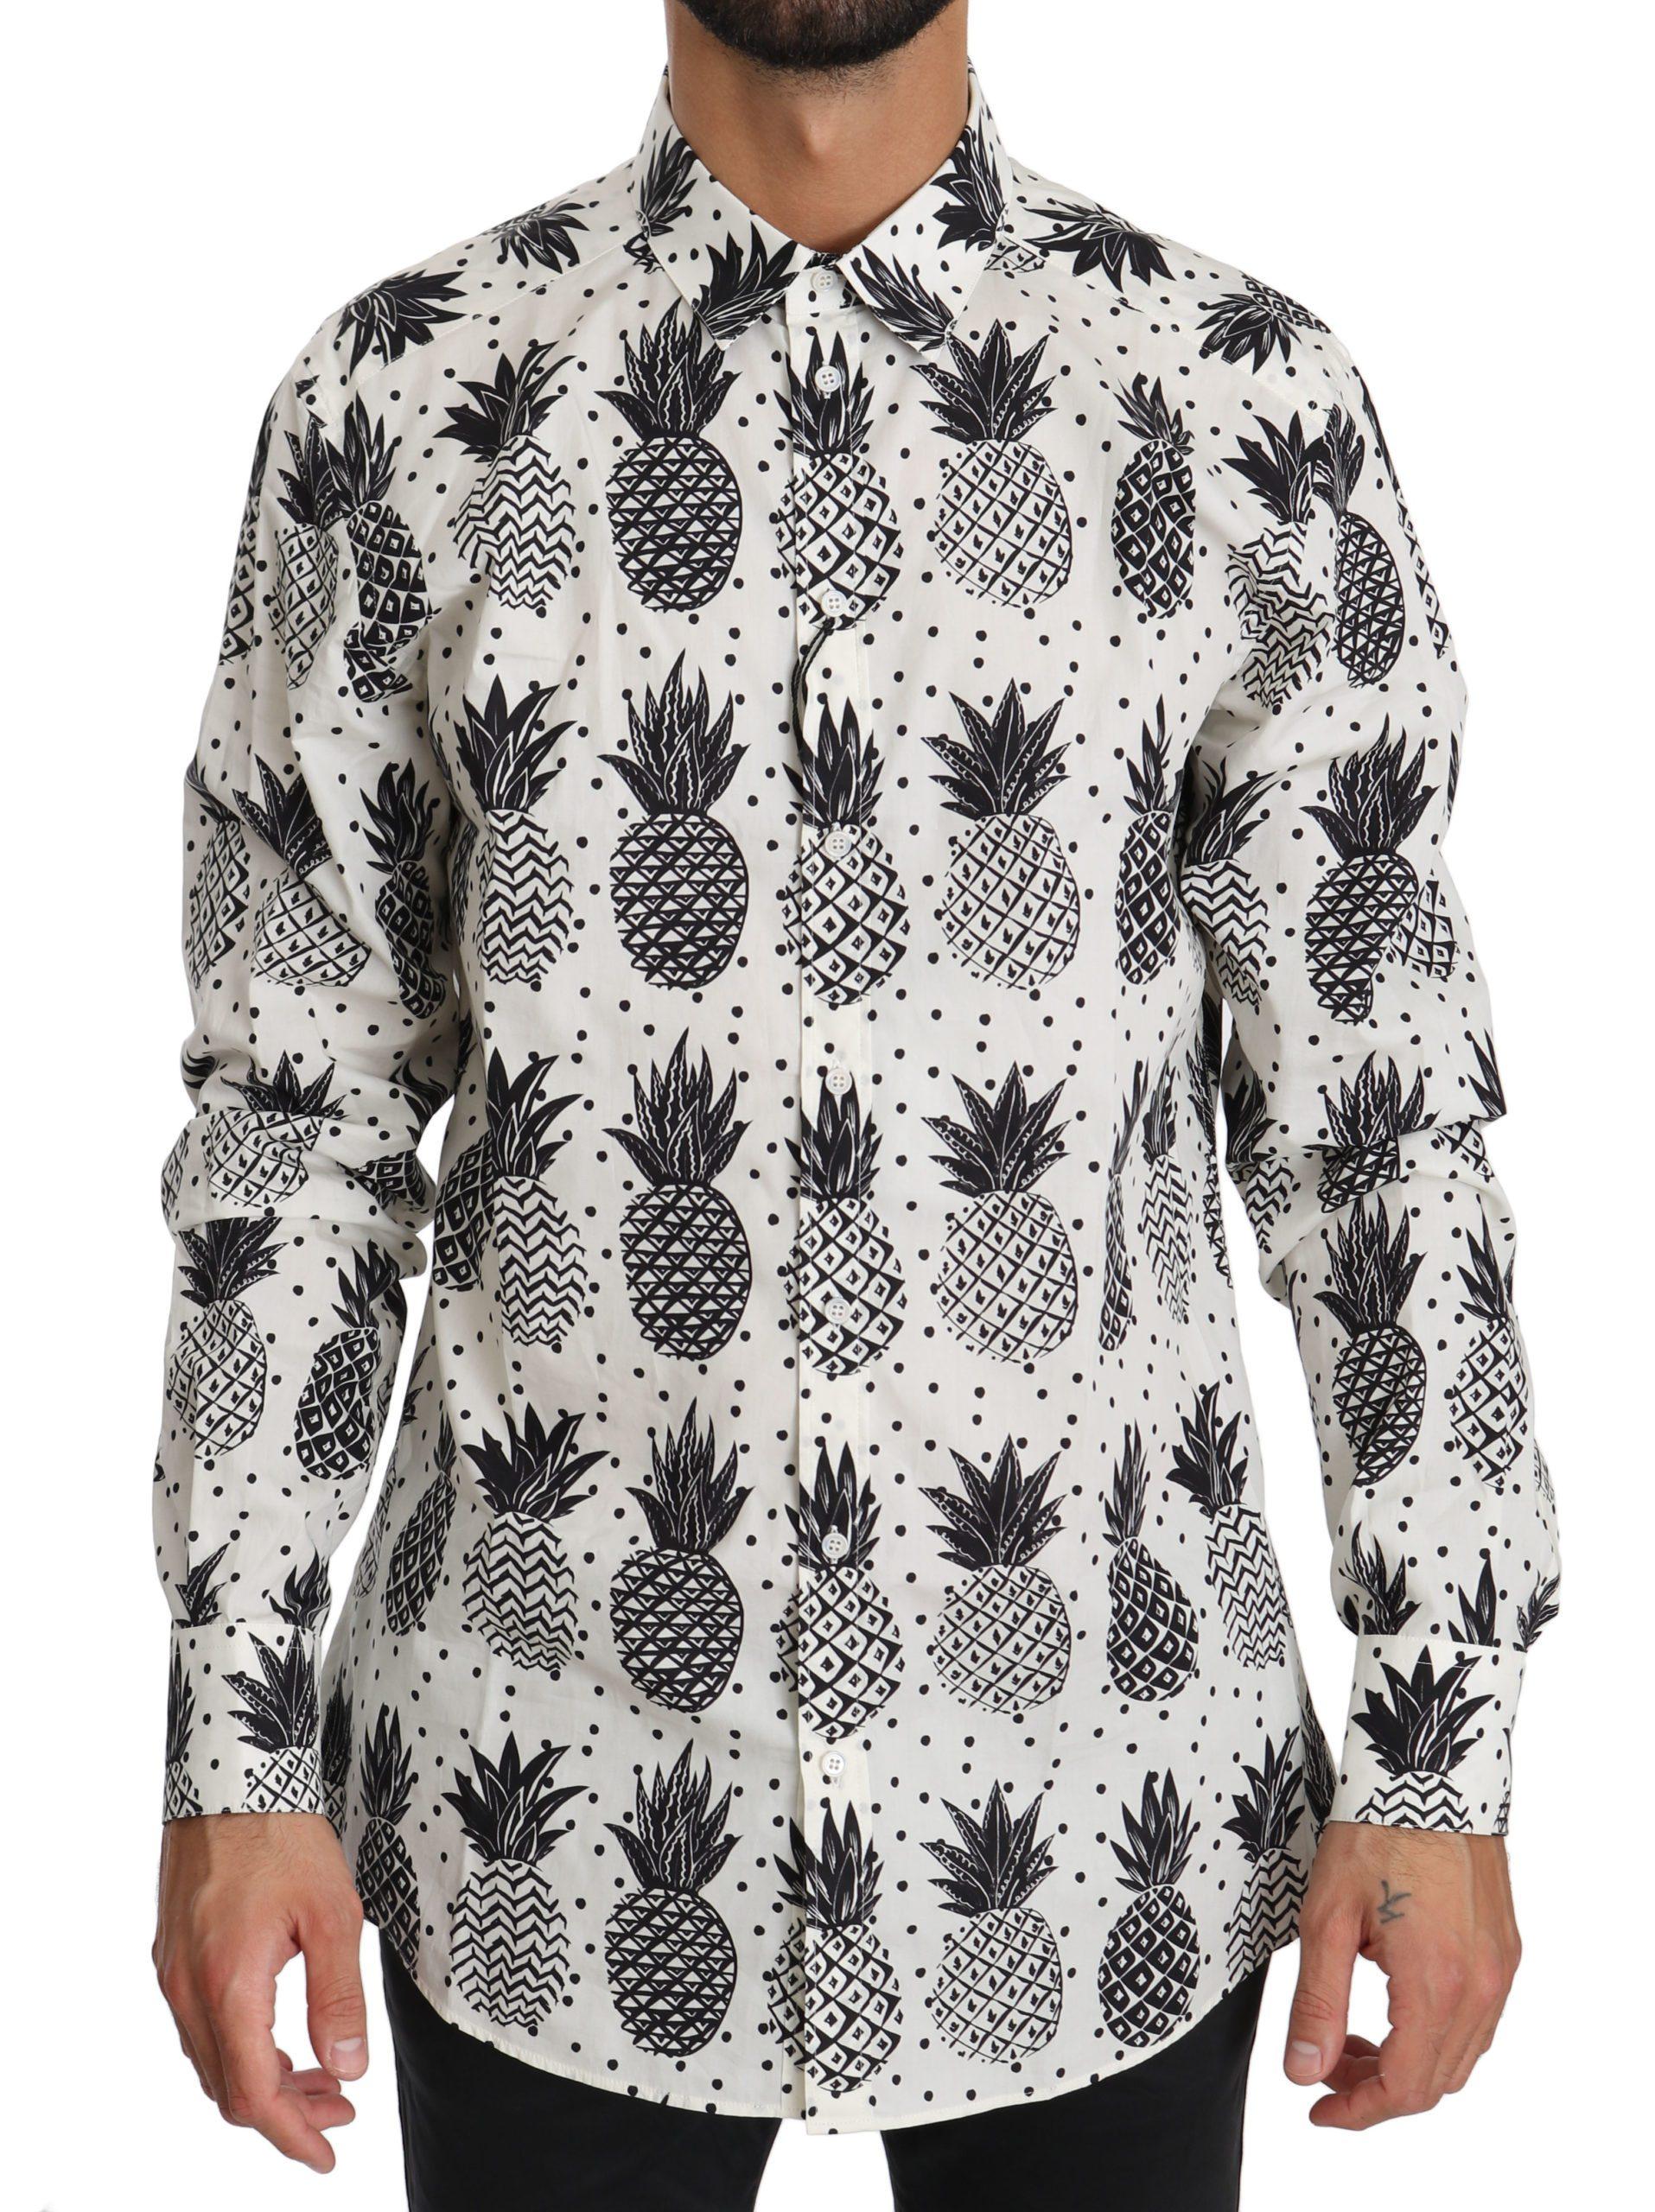 Dolce & Gabbana Men's Pineapple Cotton Shirt White TSH4007 - IT37 | XS